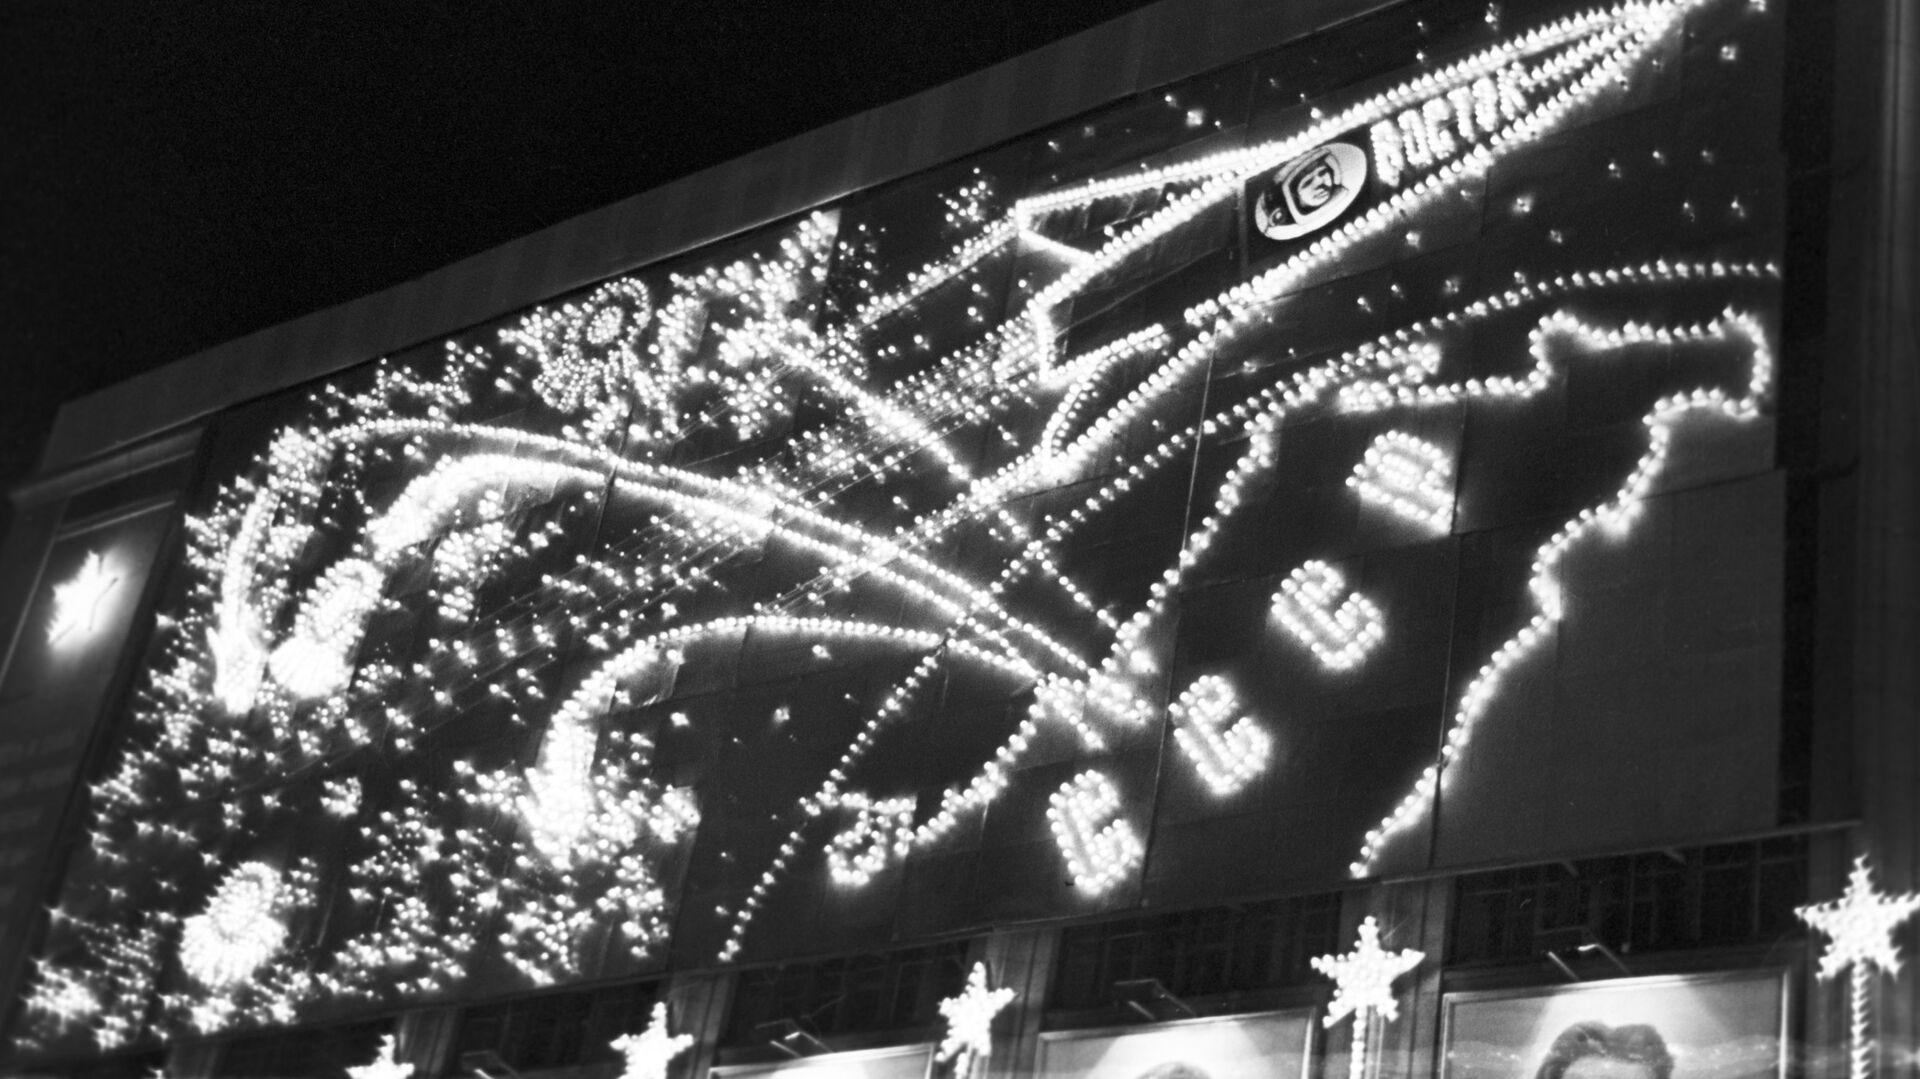 Первомайская праздничная иллюминация в Москве - РИА Новости, 1920, 18.02.2021